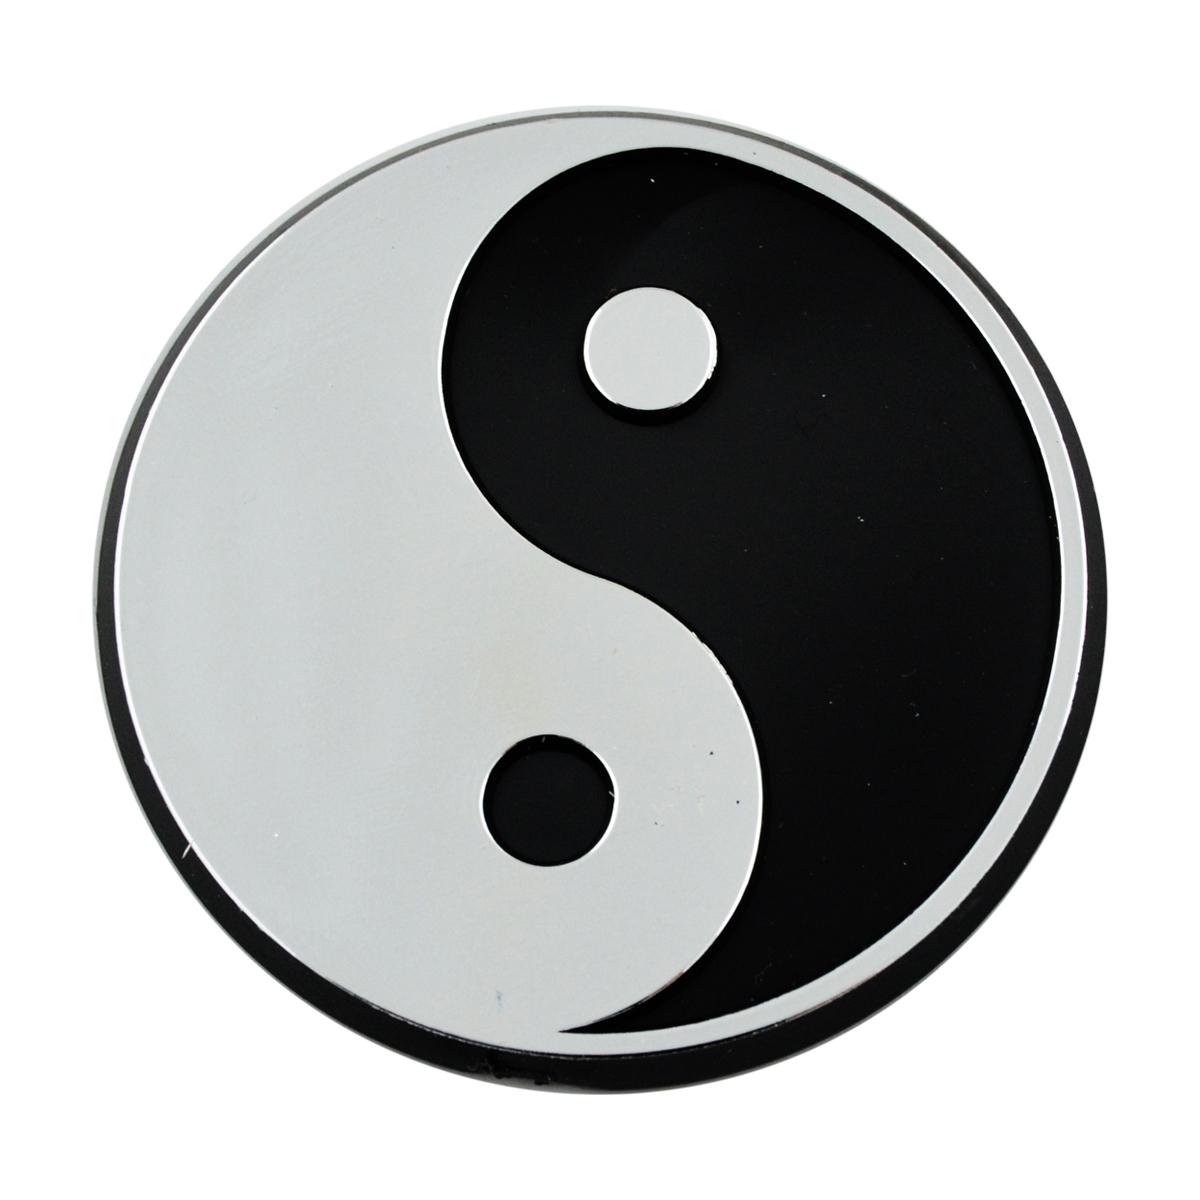 Ying Yang Tao Peace 2 1/2.